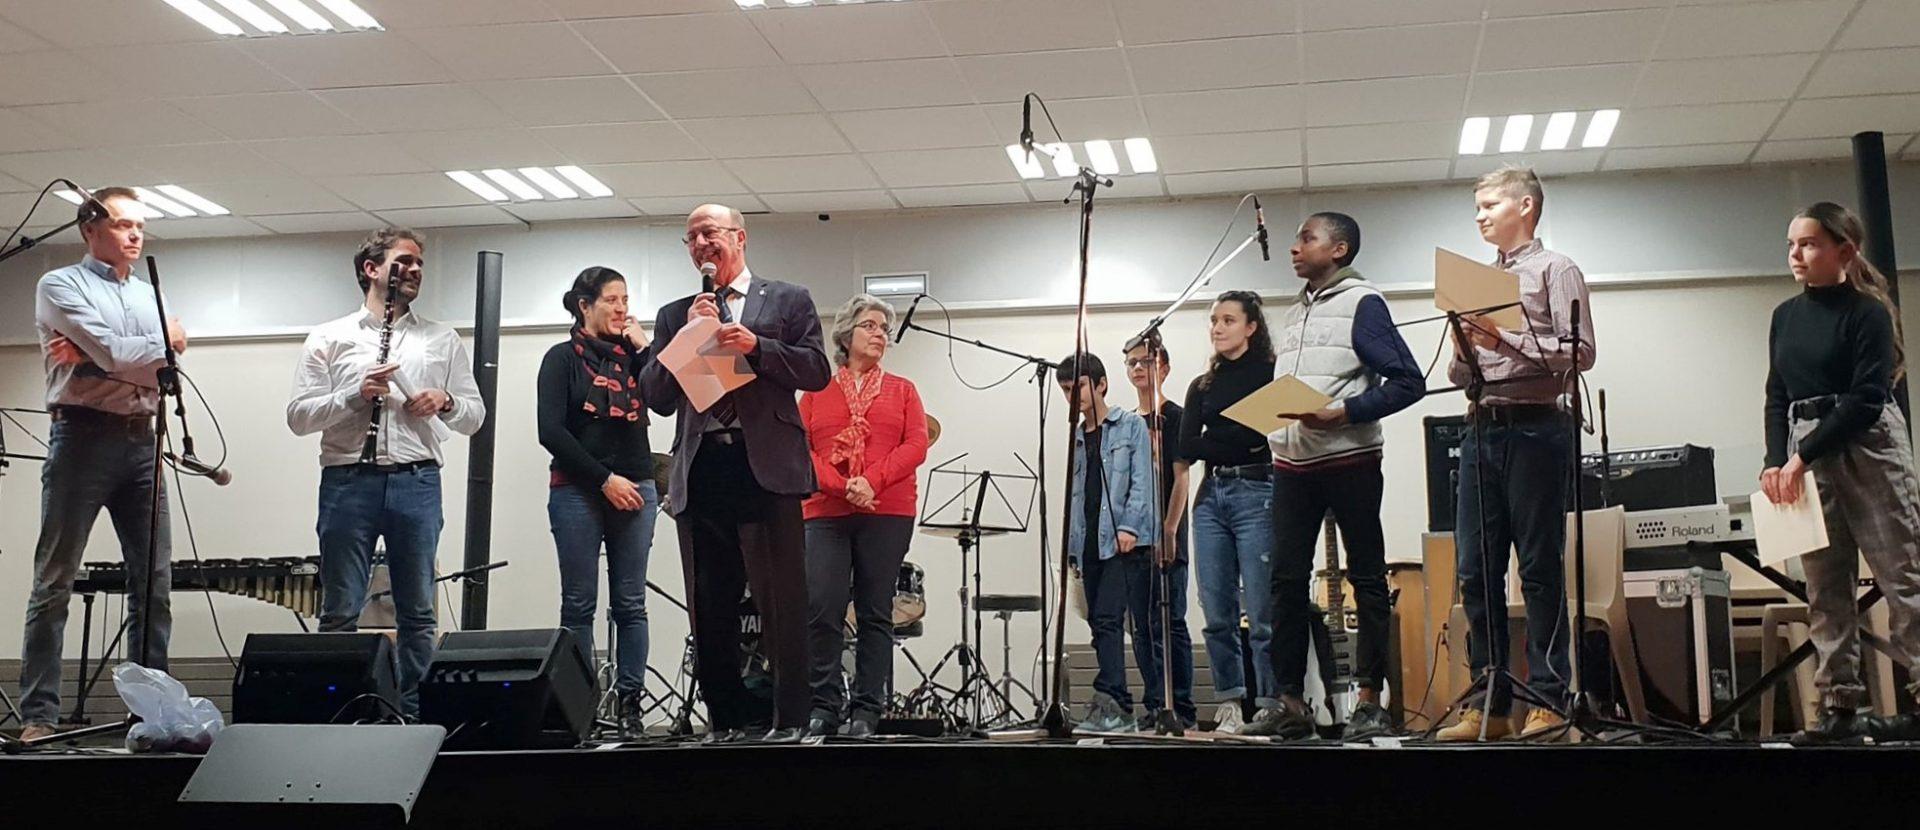 Concert de Noël à l'Ecole de Musique Municipale : des prestations remarquables